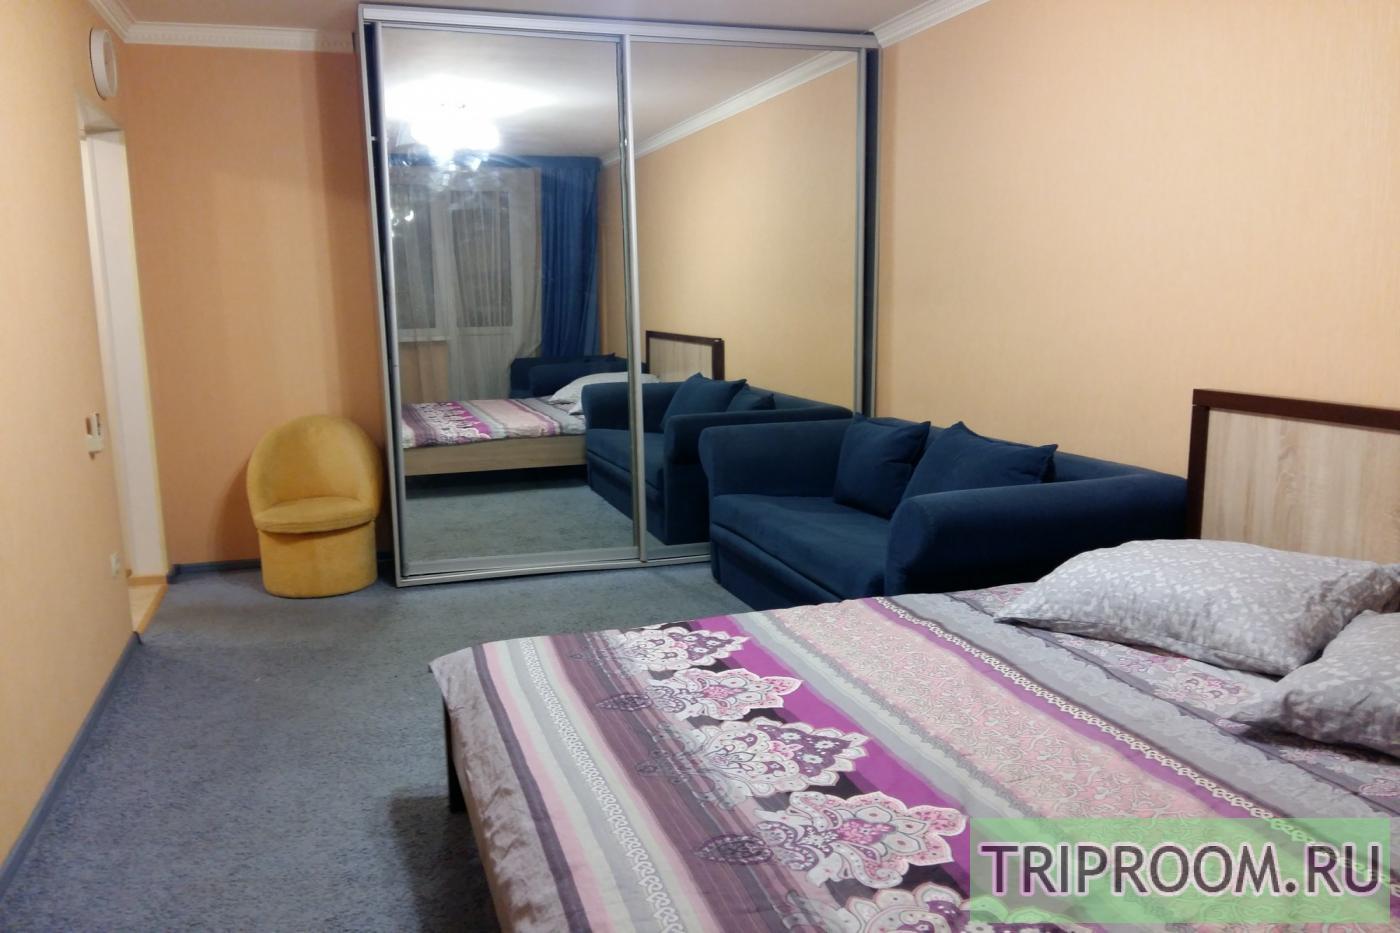 Секс за час в москве без апартамет фото 77-901